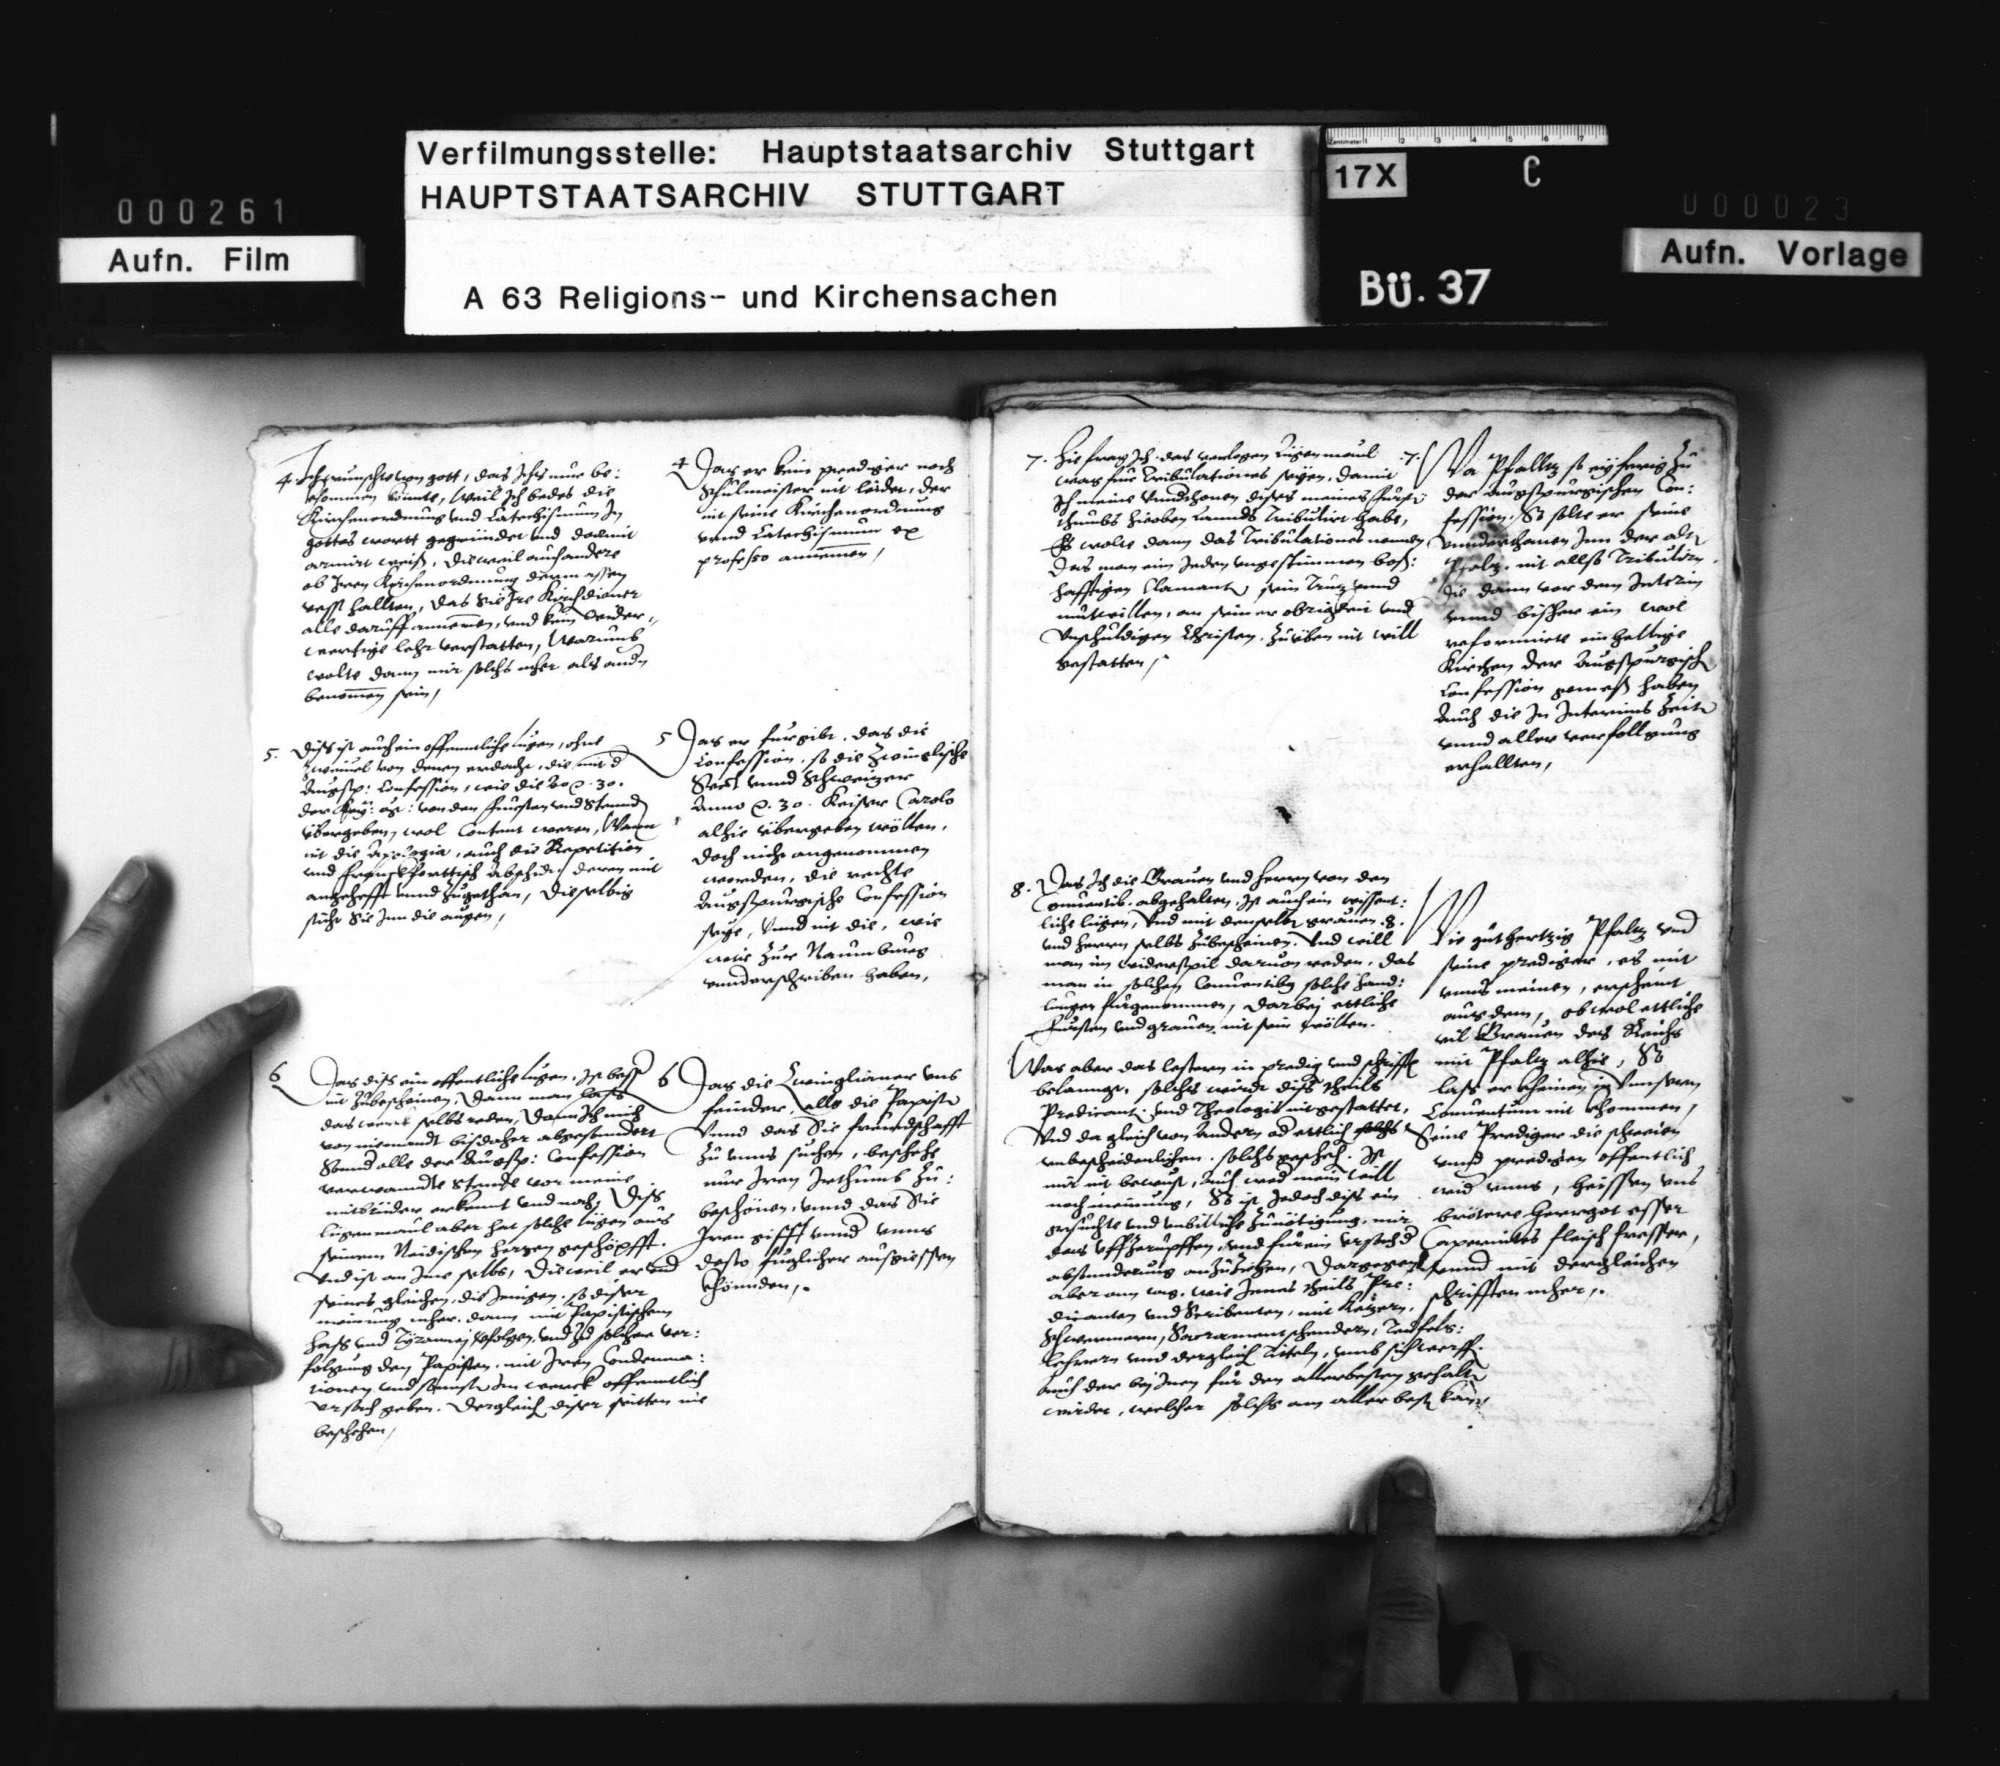 Schreiben von und an Pfalzgraf Johann Kasimir, Herzog Christoph und Pfalzgraf Wolfgang, warum sich mit dem Kurfürsten zu Pfalz in Religionssachen nicht einzulassen., Bild 3